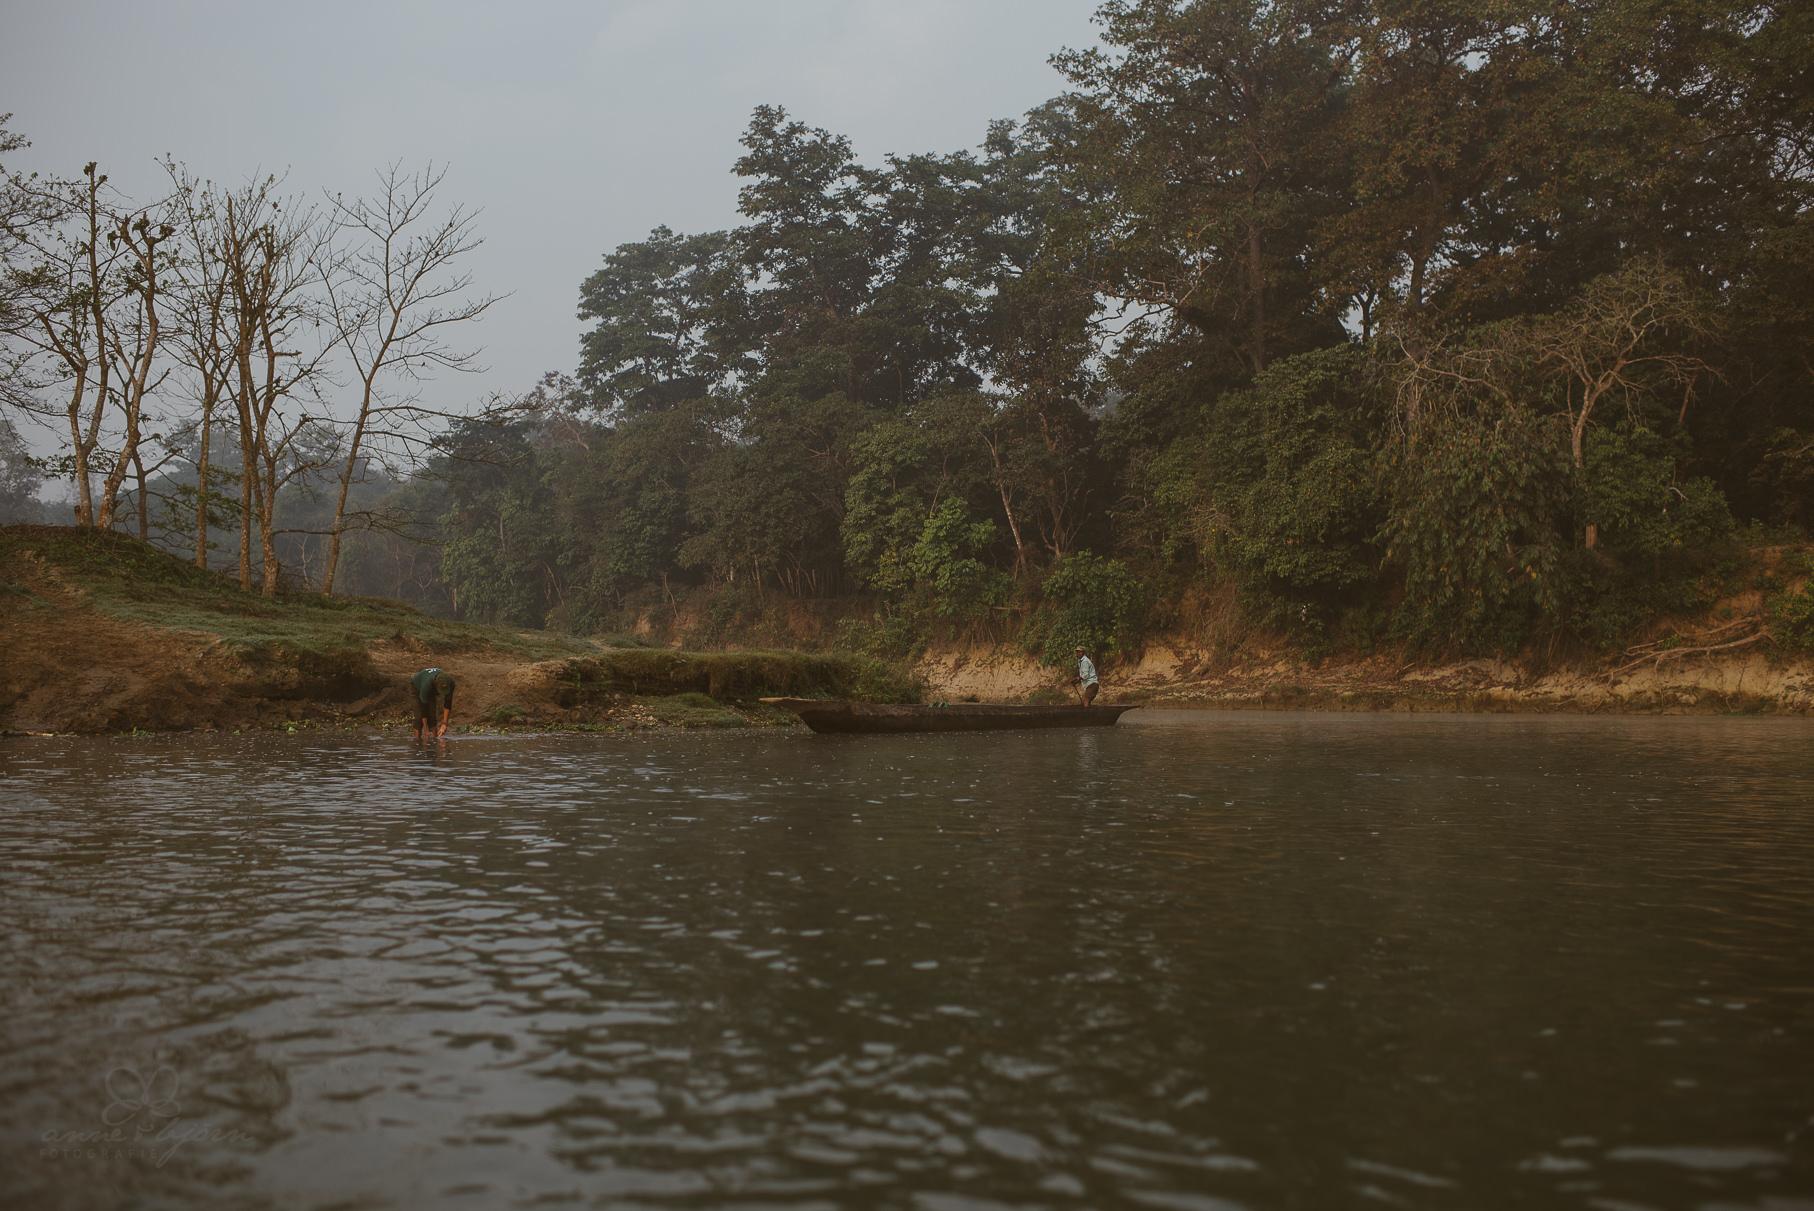 0053 anne und bjoern chitwan nationalpark nepal d75 5047 2 - Nepal Teil 3 - Roadtrip, Chitwan Nationalpark und eine spontane Hochzeit